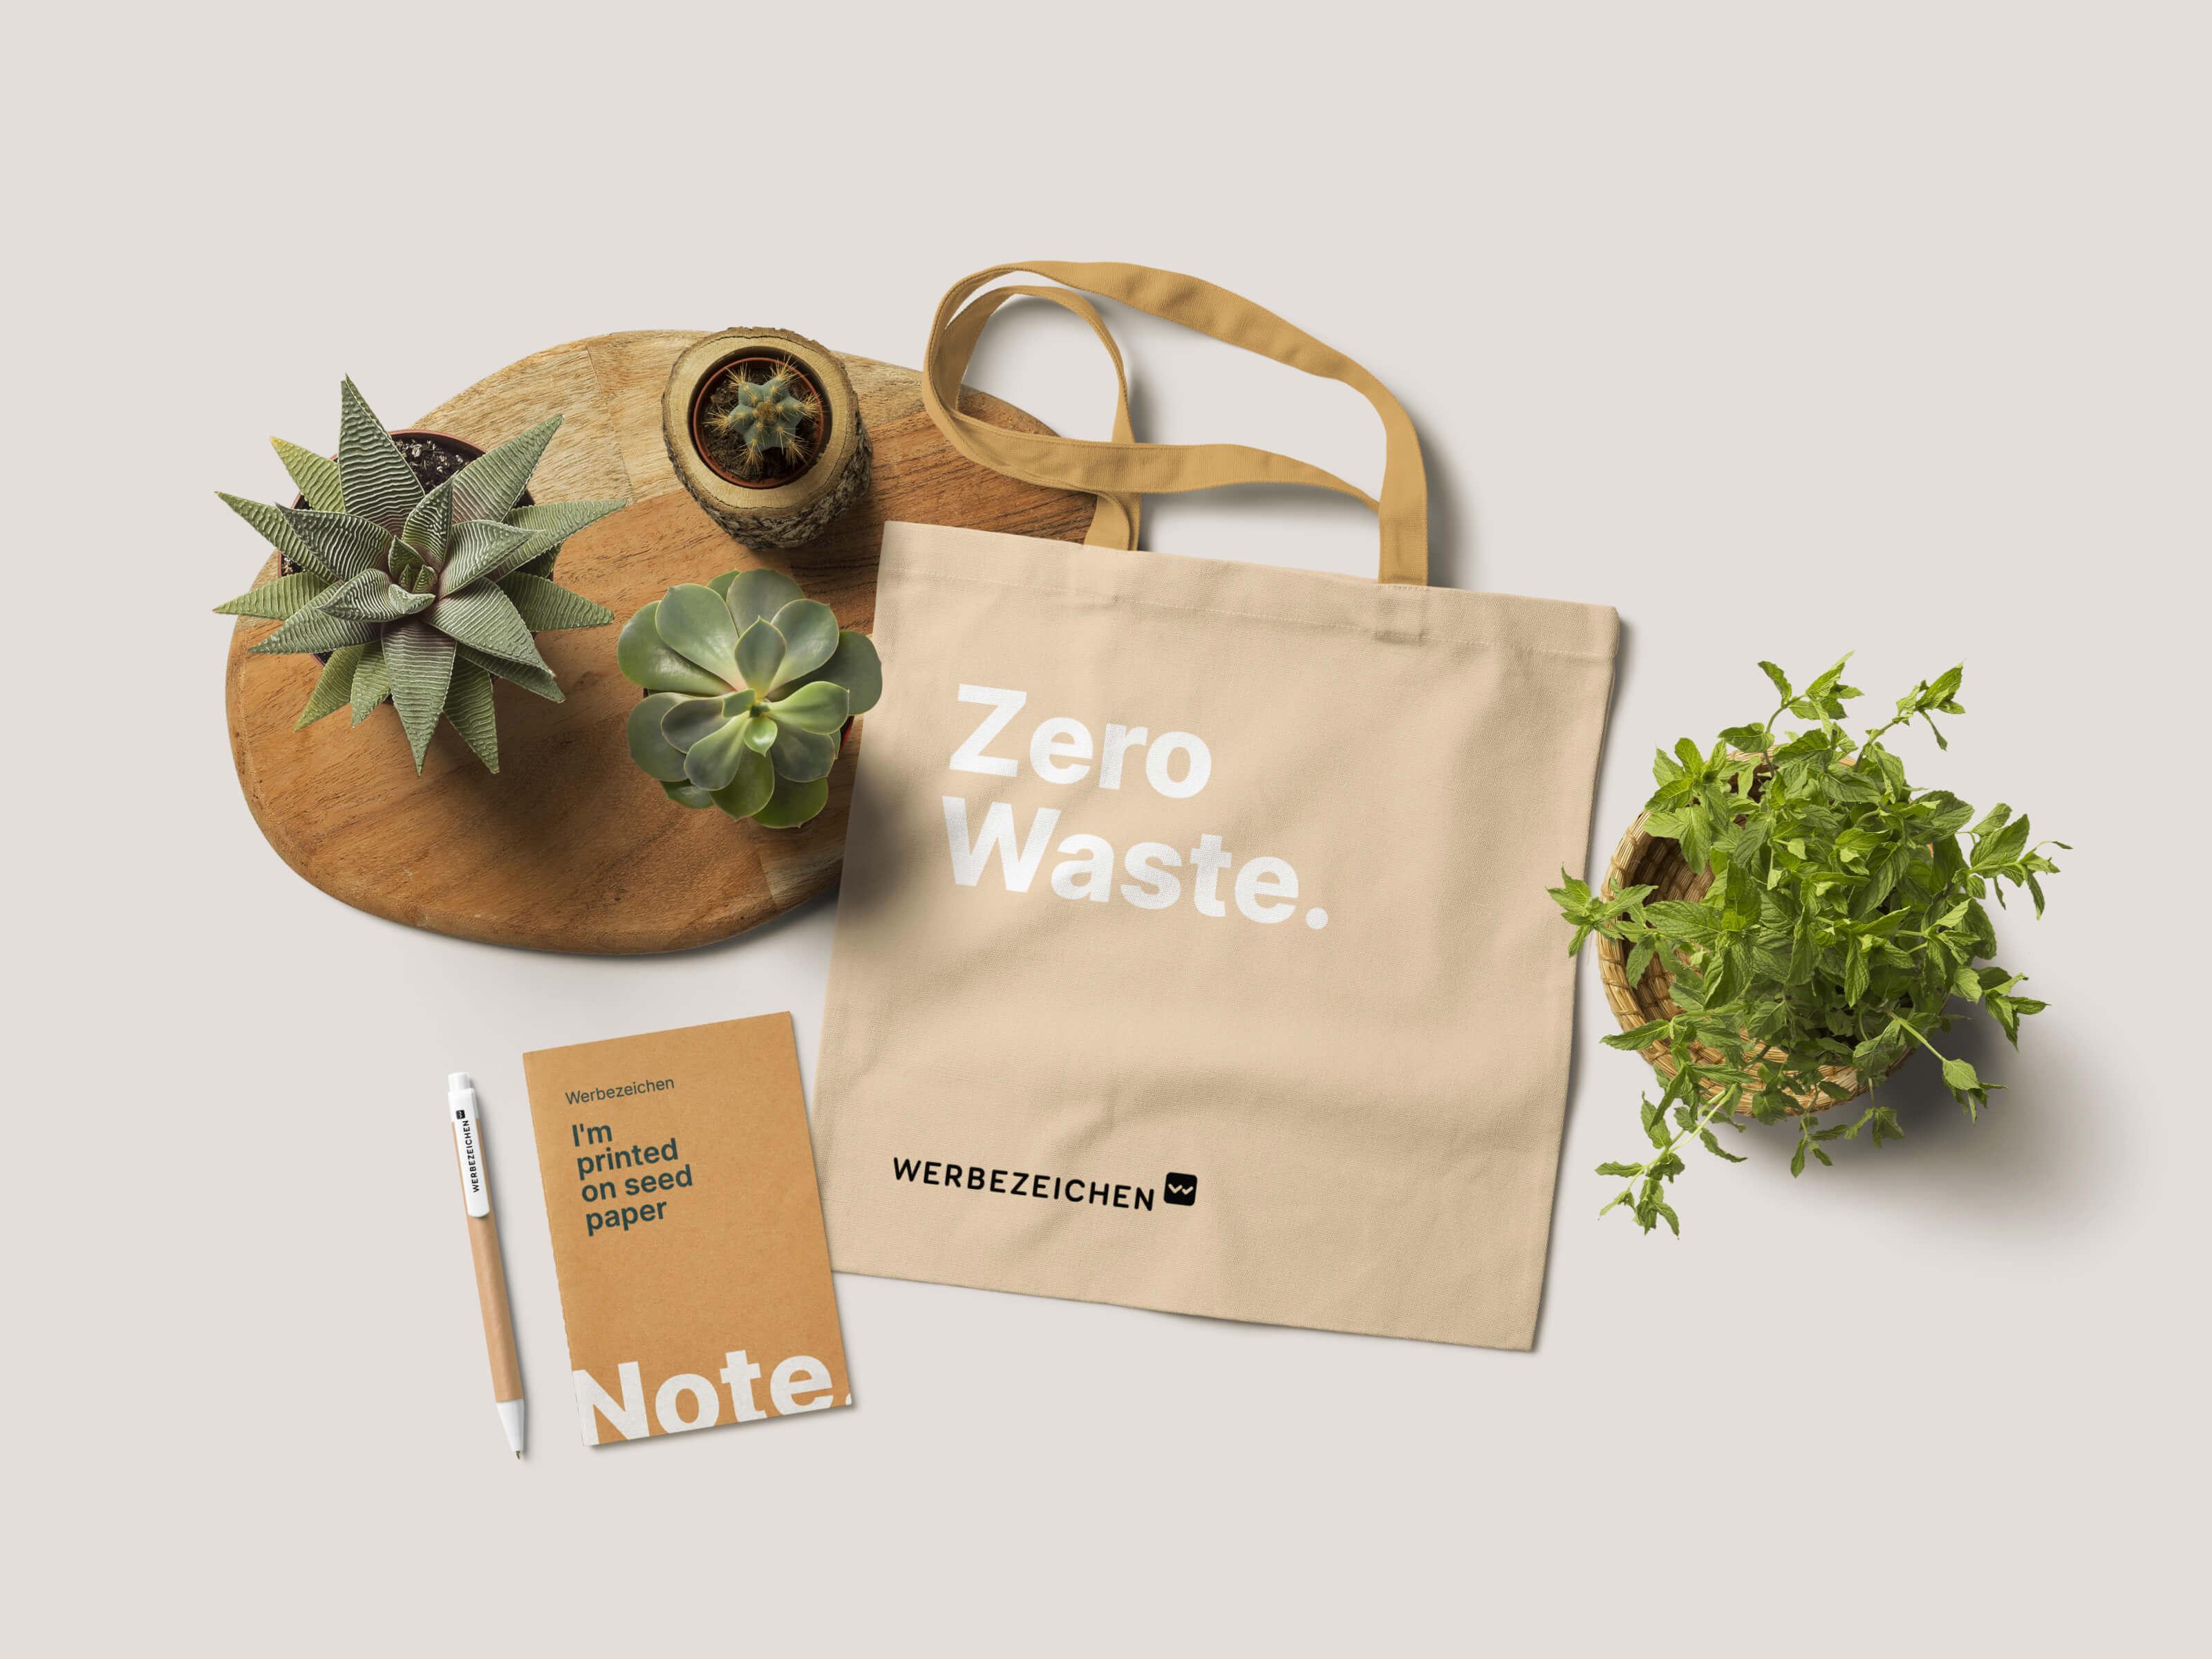 Werbezeichen - Nachhaltige Werbeartikel